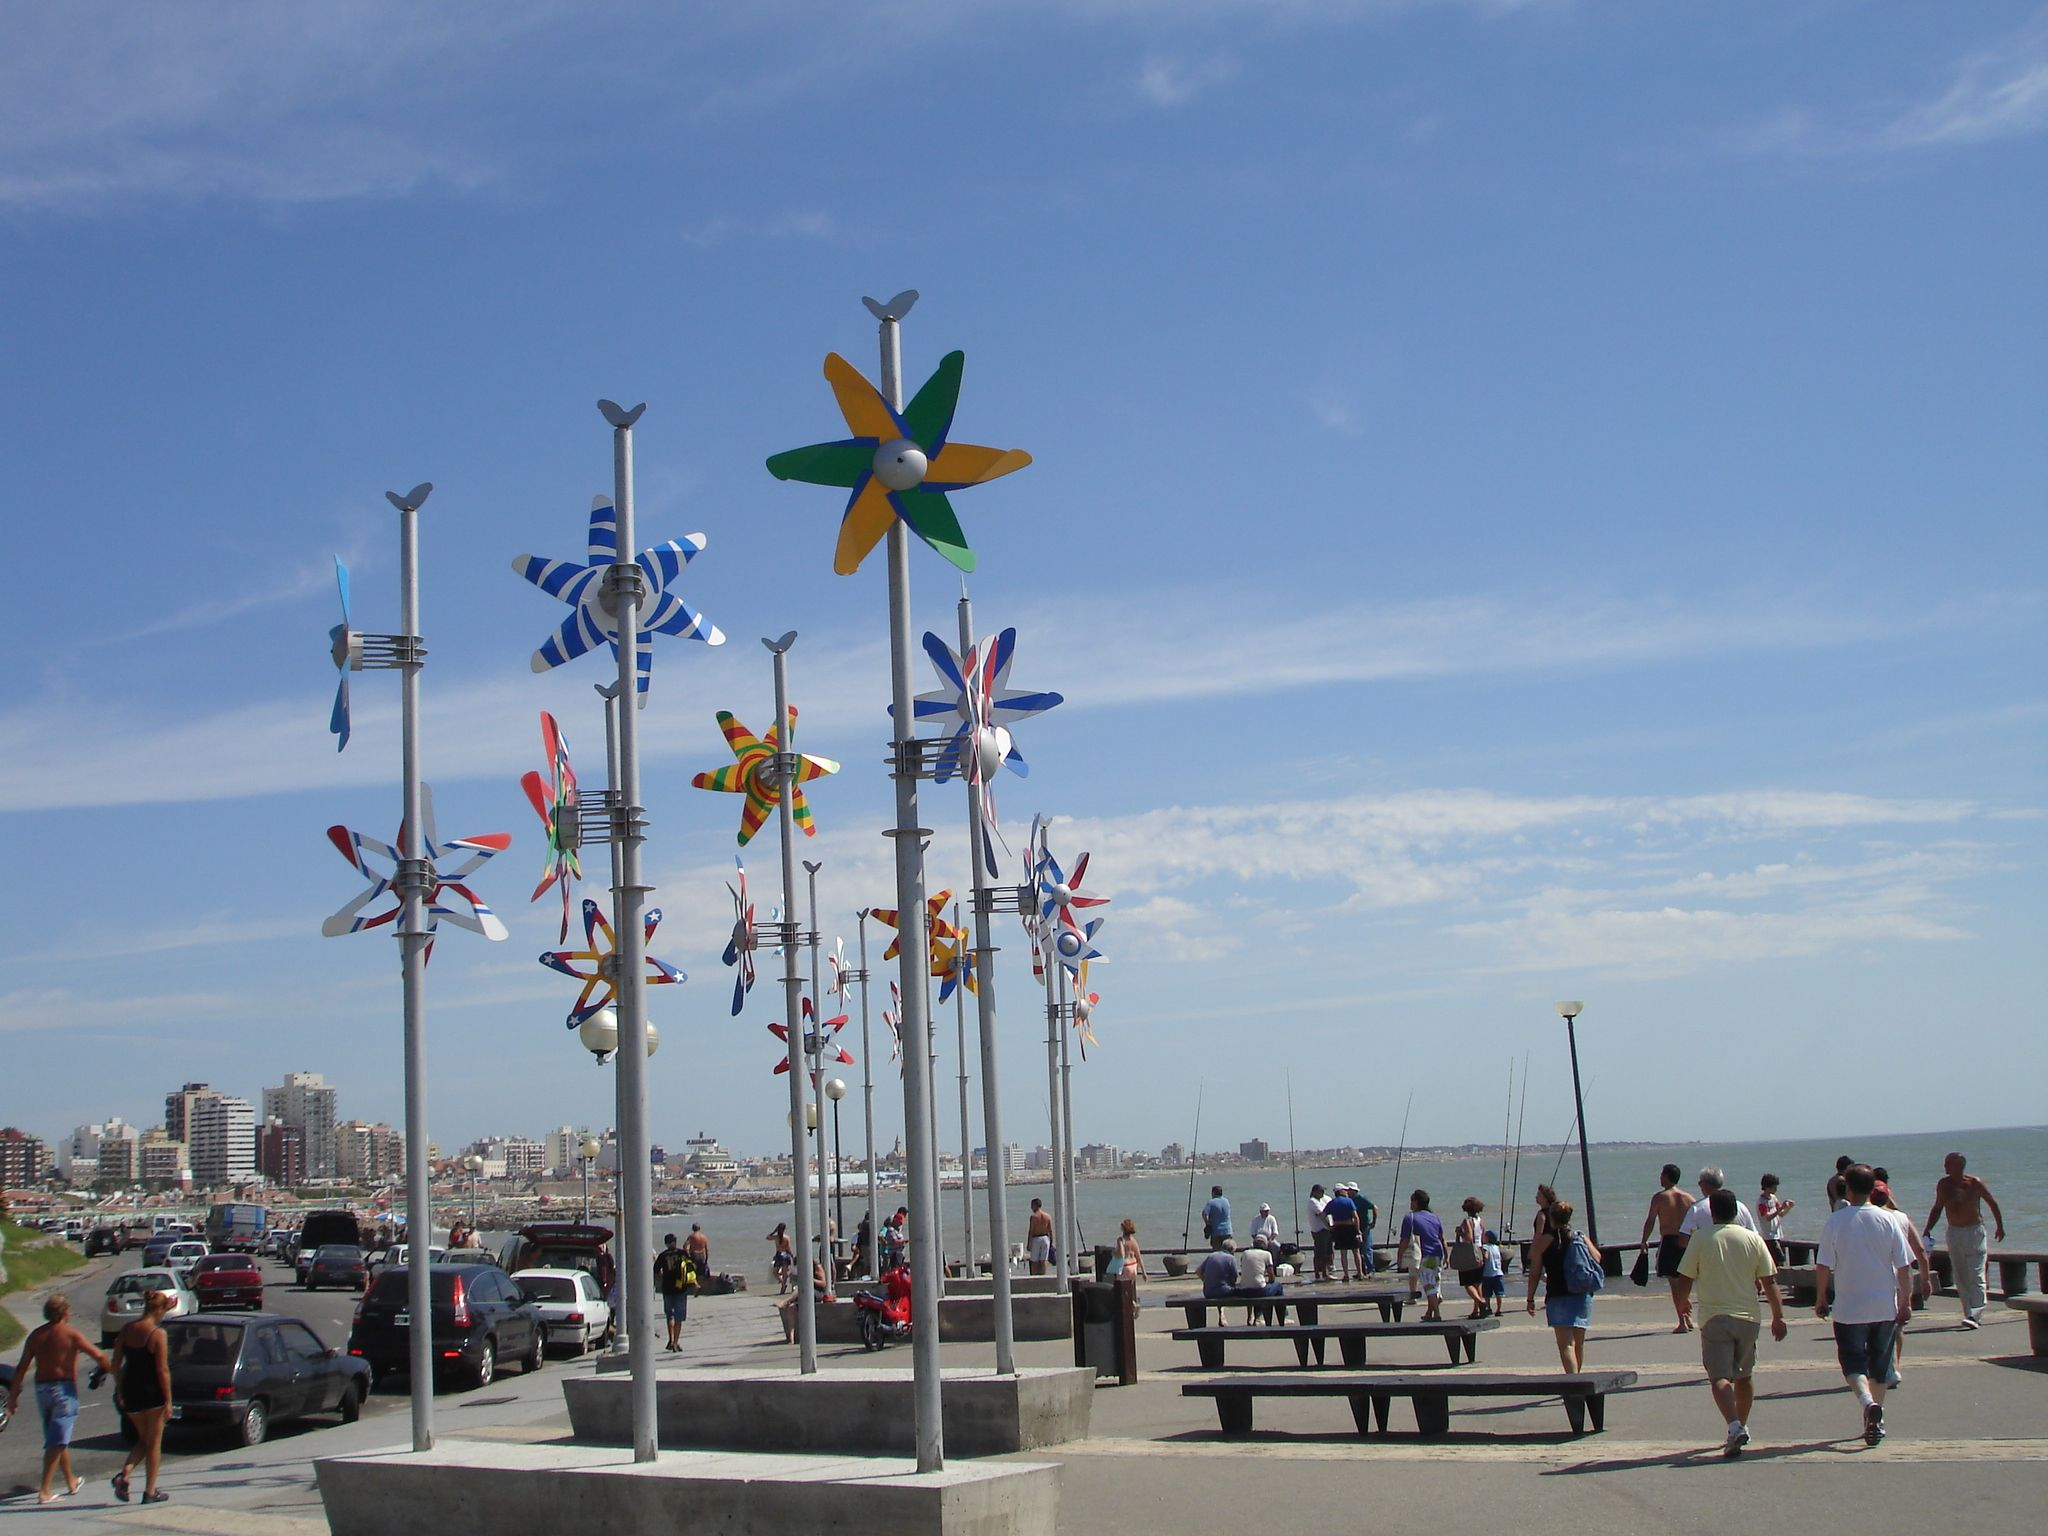 Paseo hacia el norte de la ciudad de Mar del Plata. Por allí se llega a los Balnearios Alfonsina, San Sebastián entre otros. También en el trayecto se puede apreciar la escultura de Alfonsina Storni.